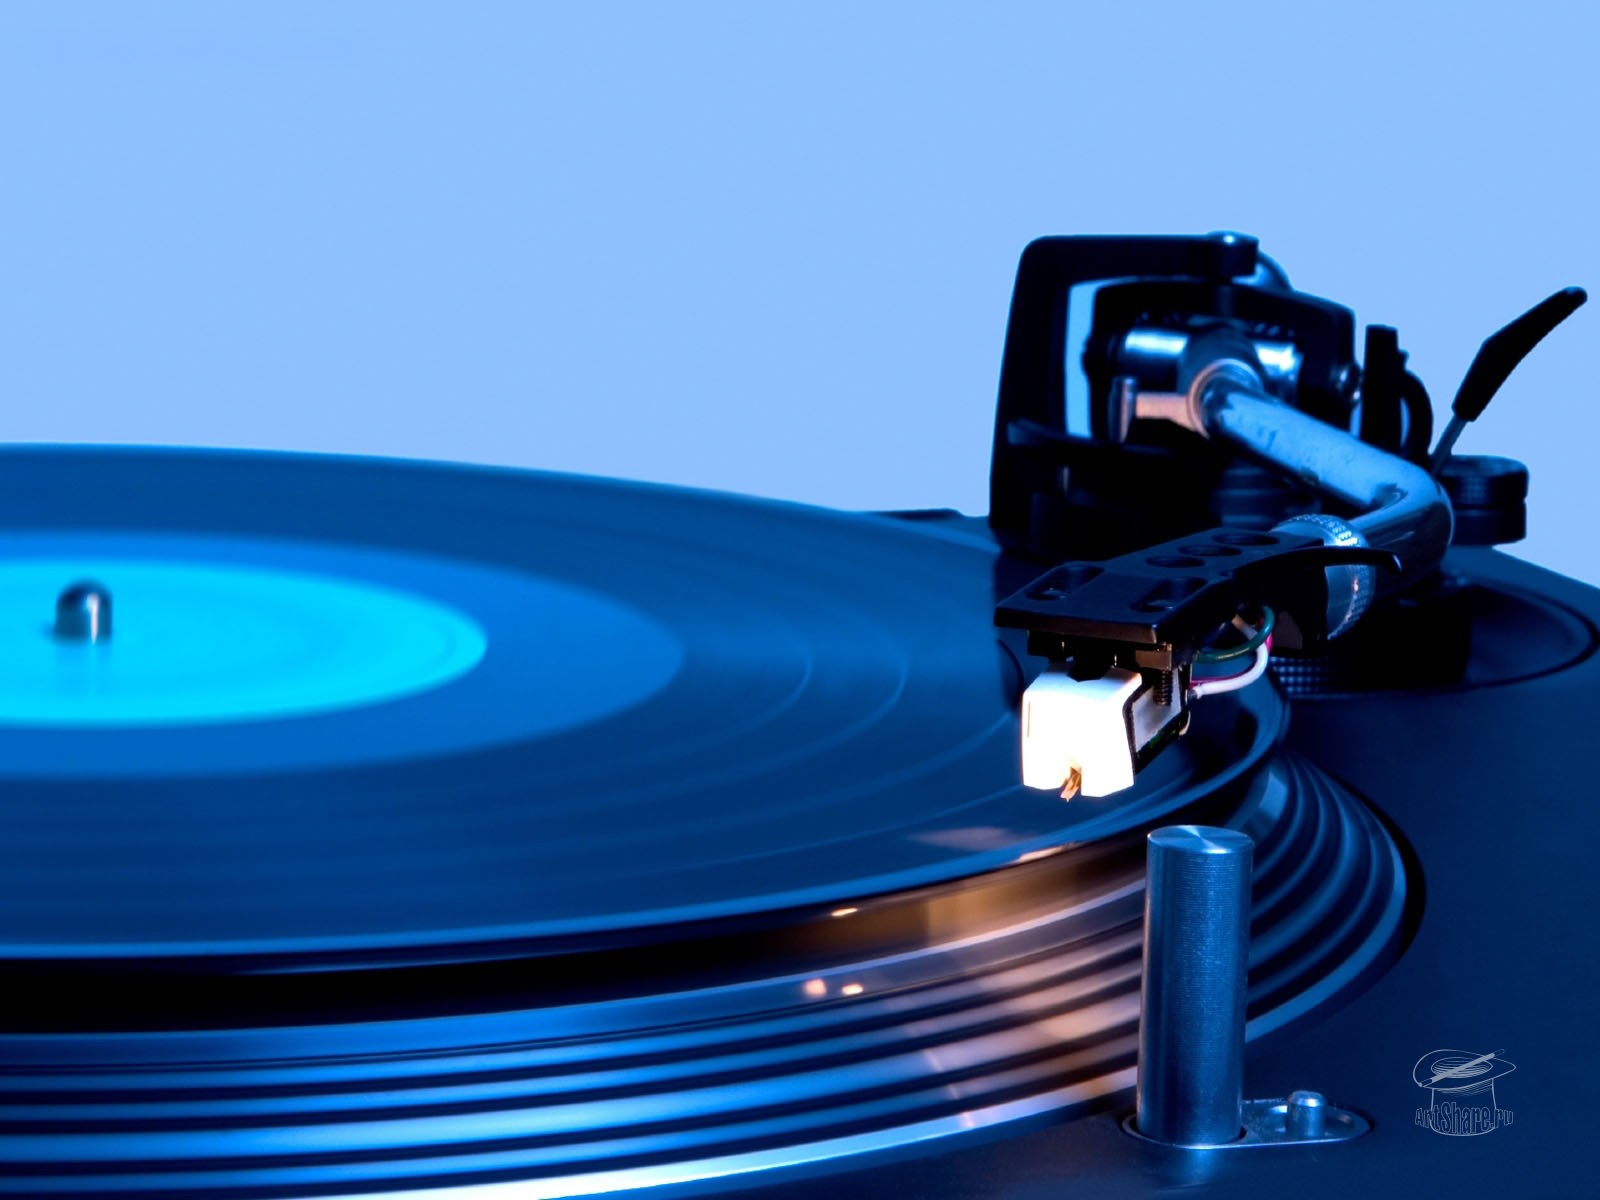 Music DJ 1600x1200